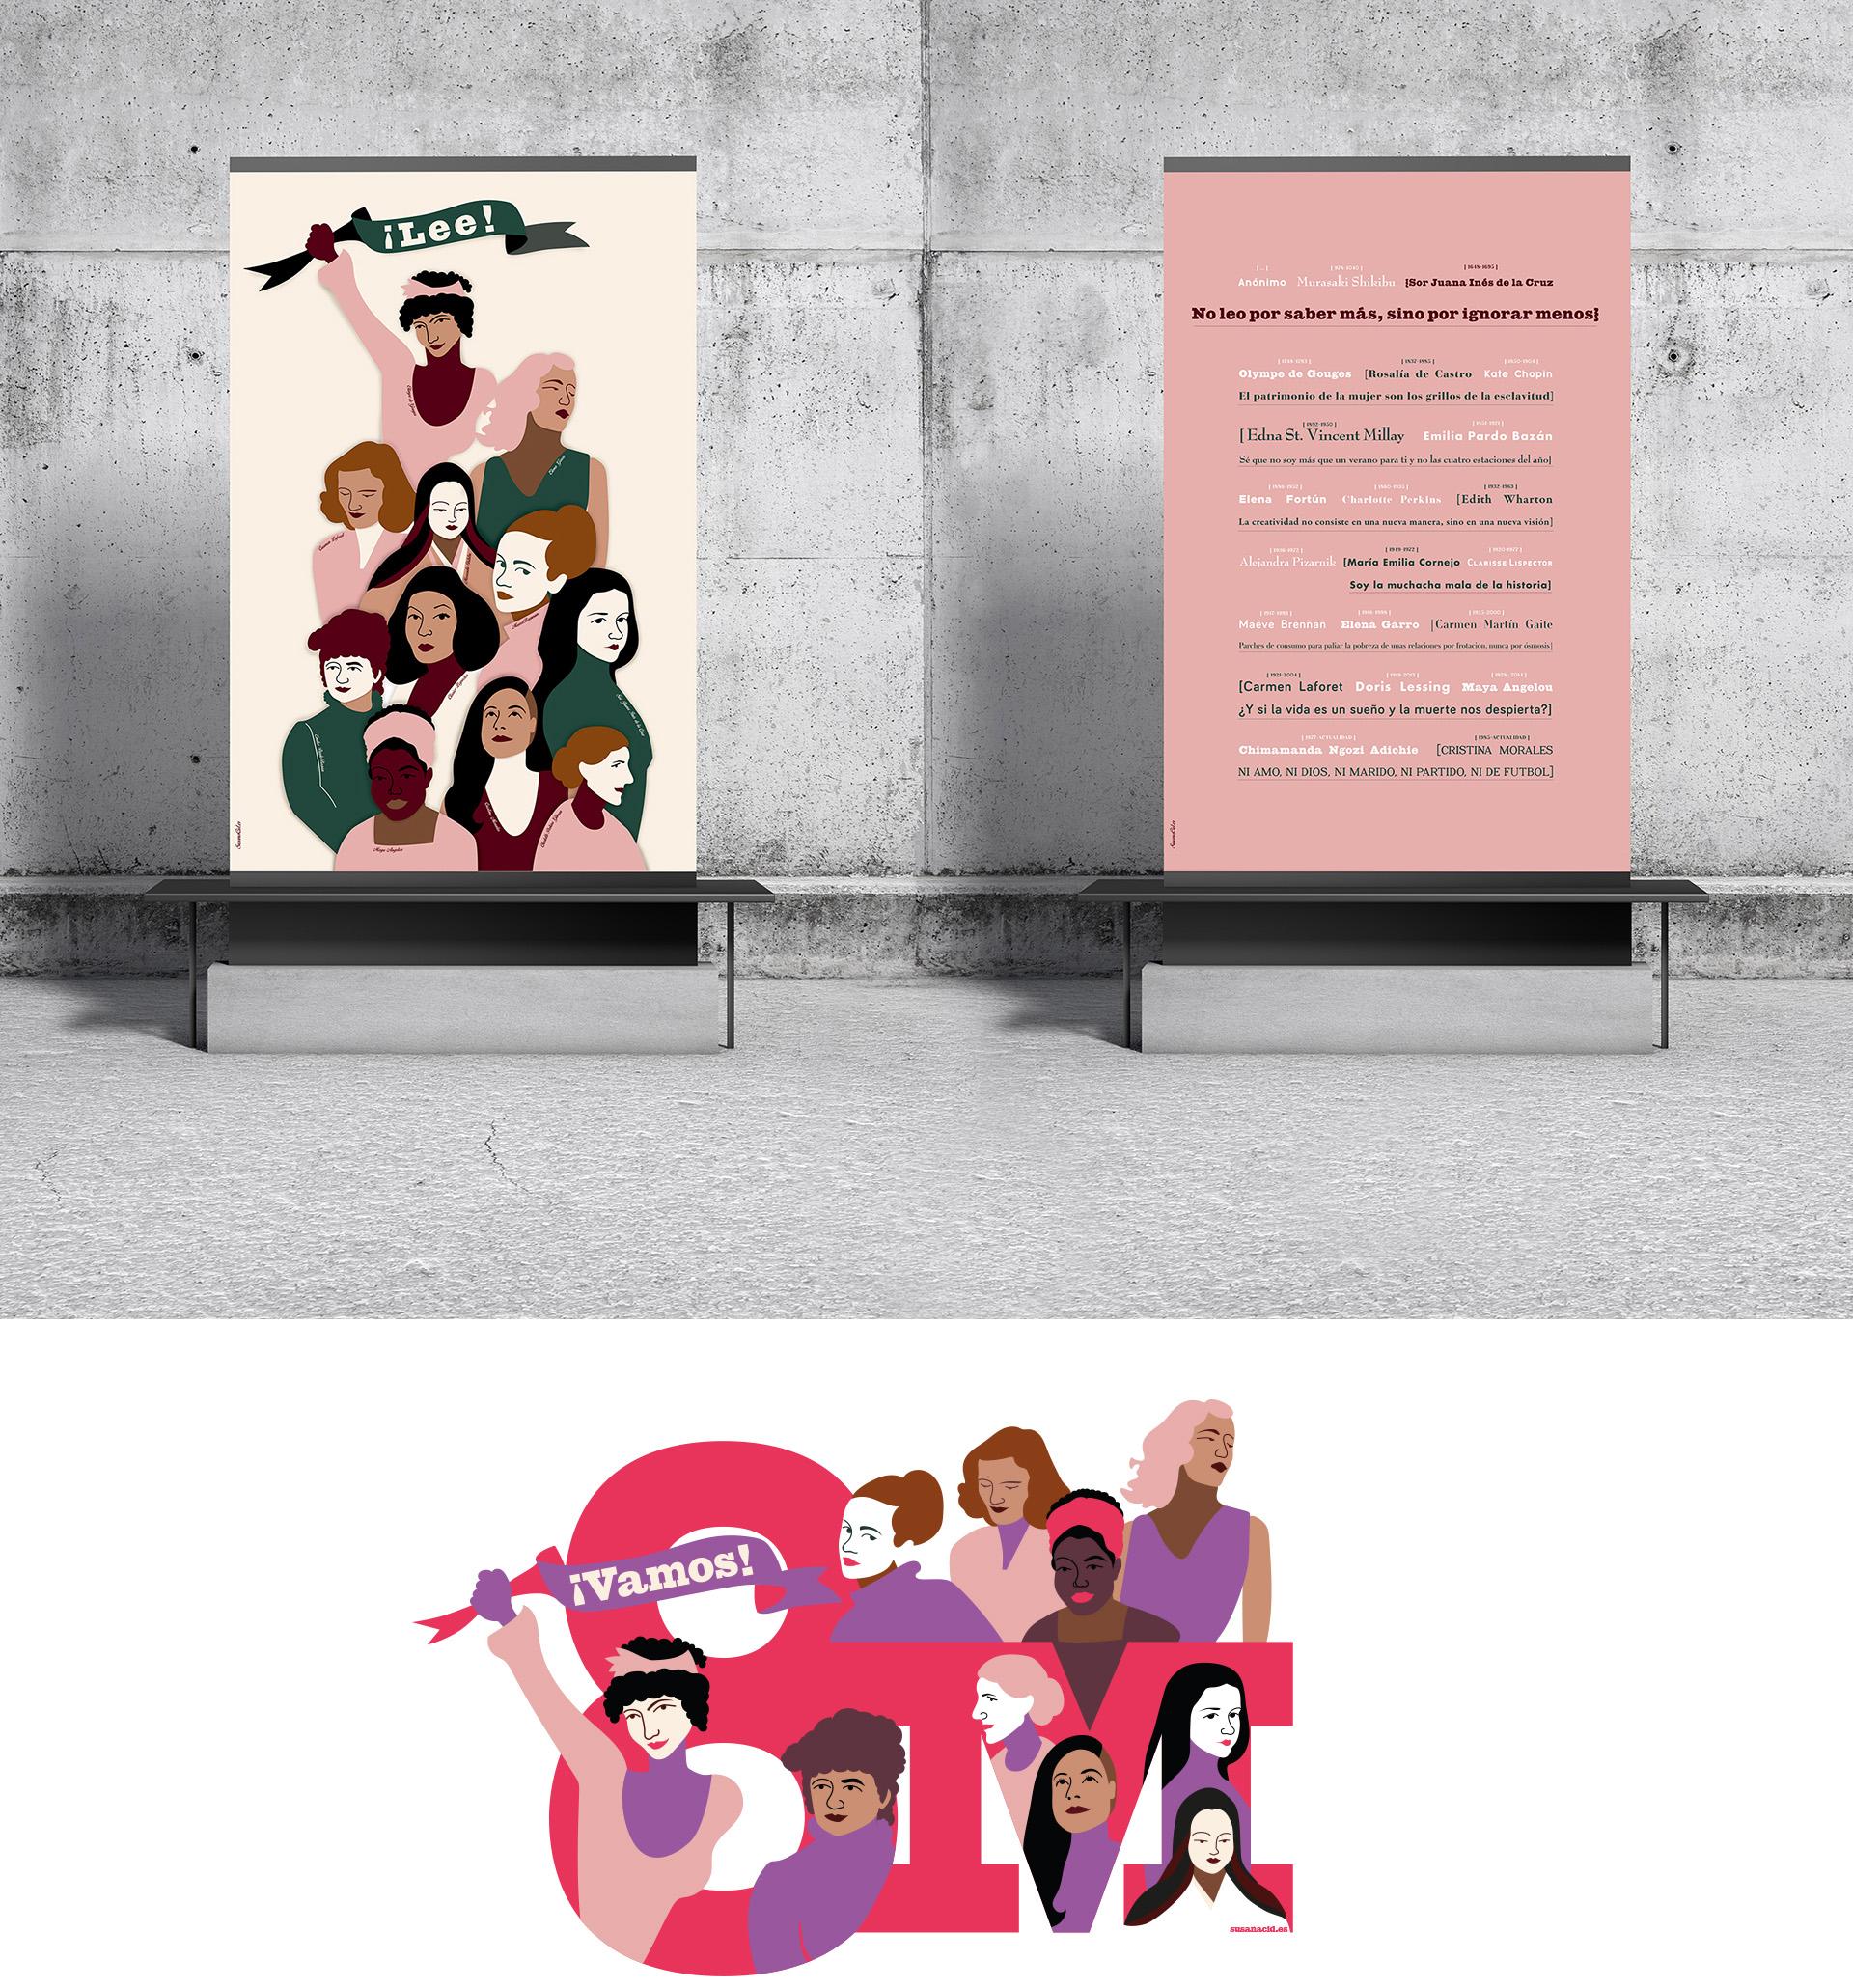 diseño corporativo. Display con cartel de escritoras para bibliotecas